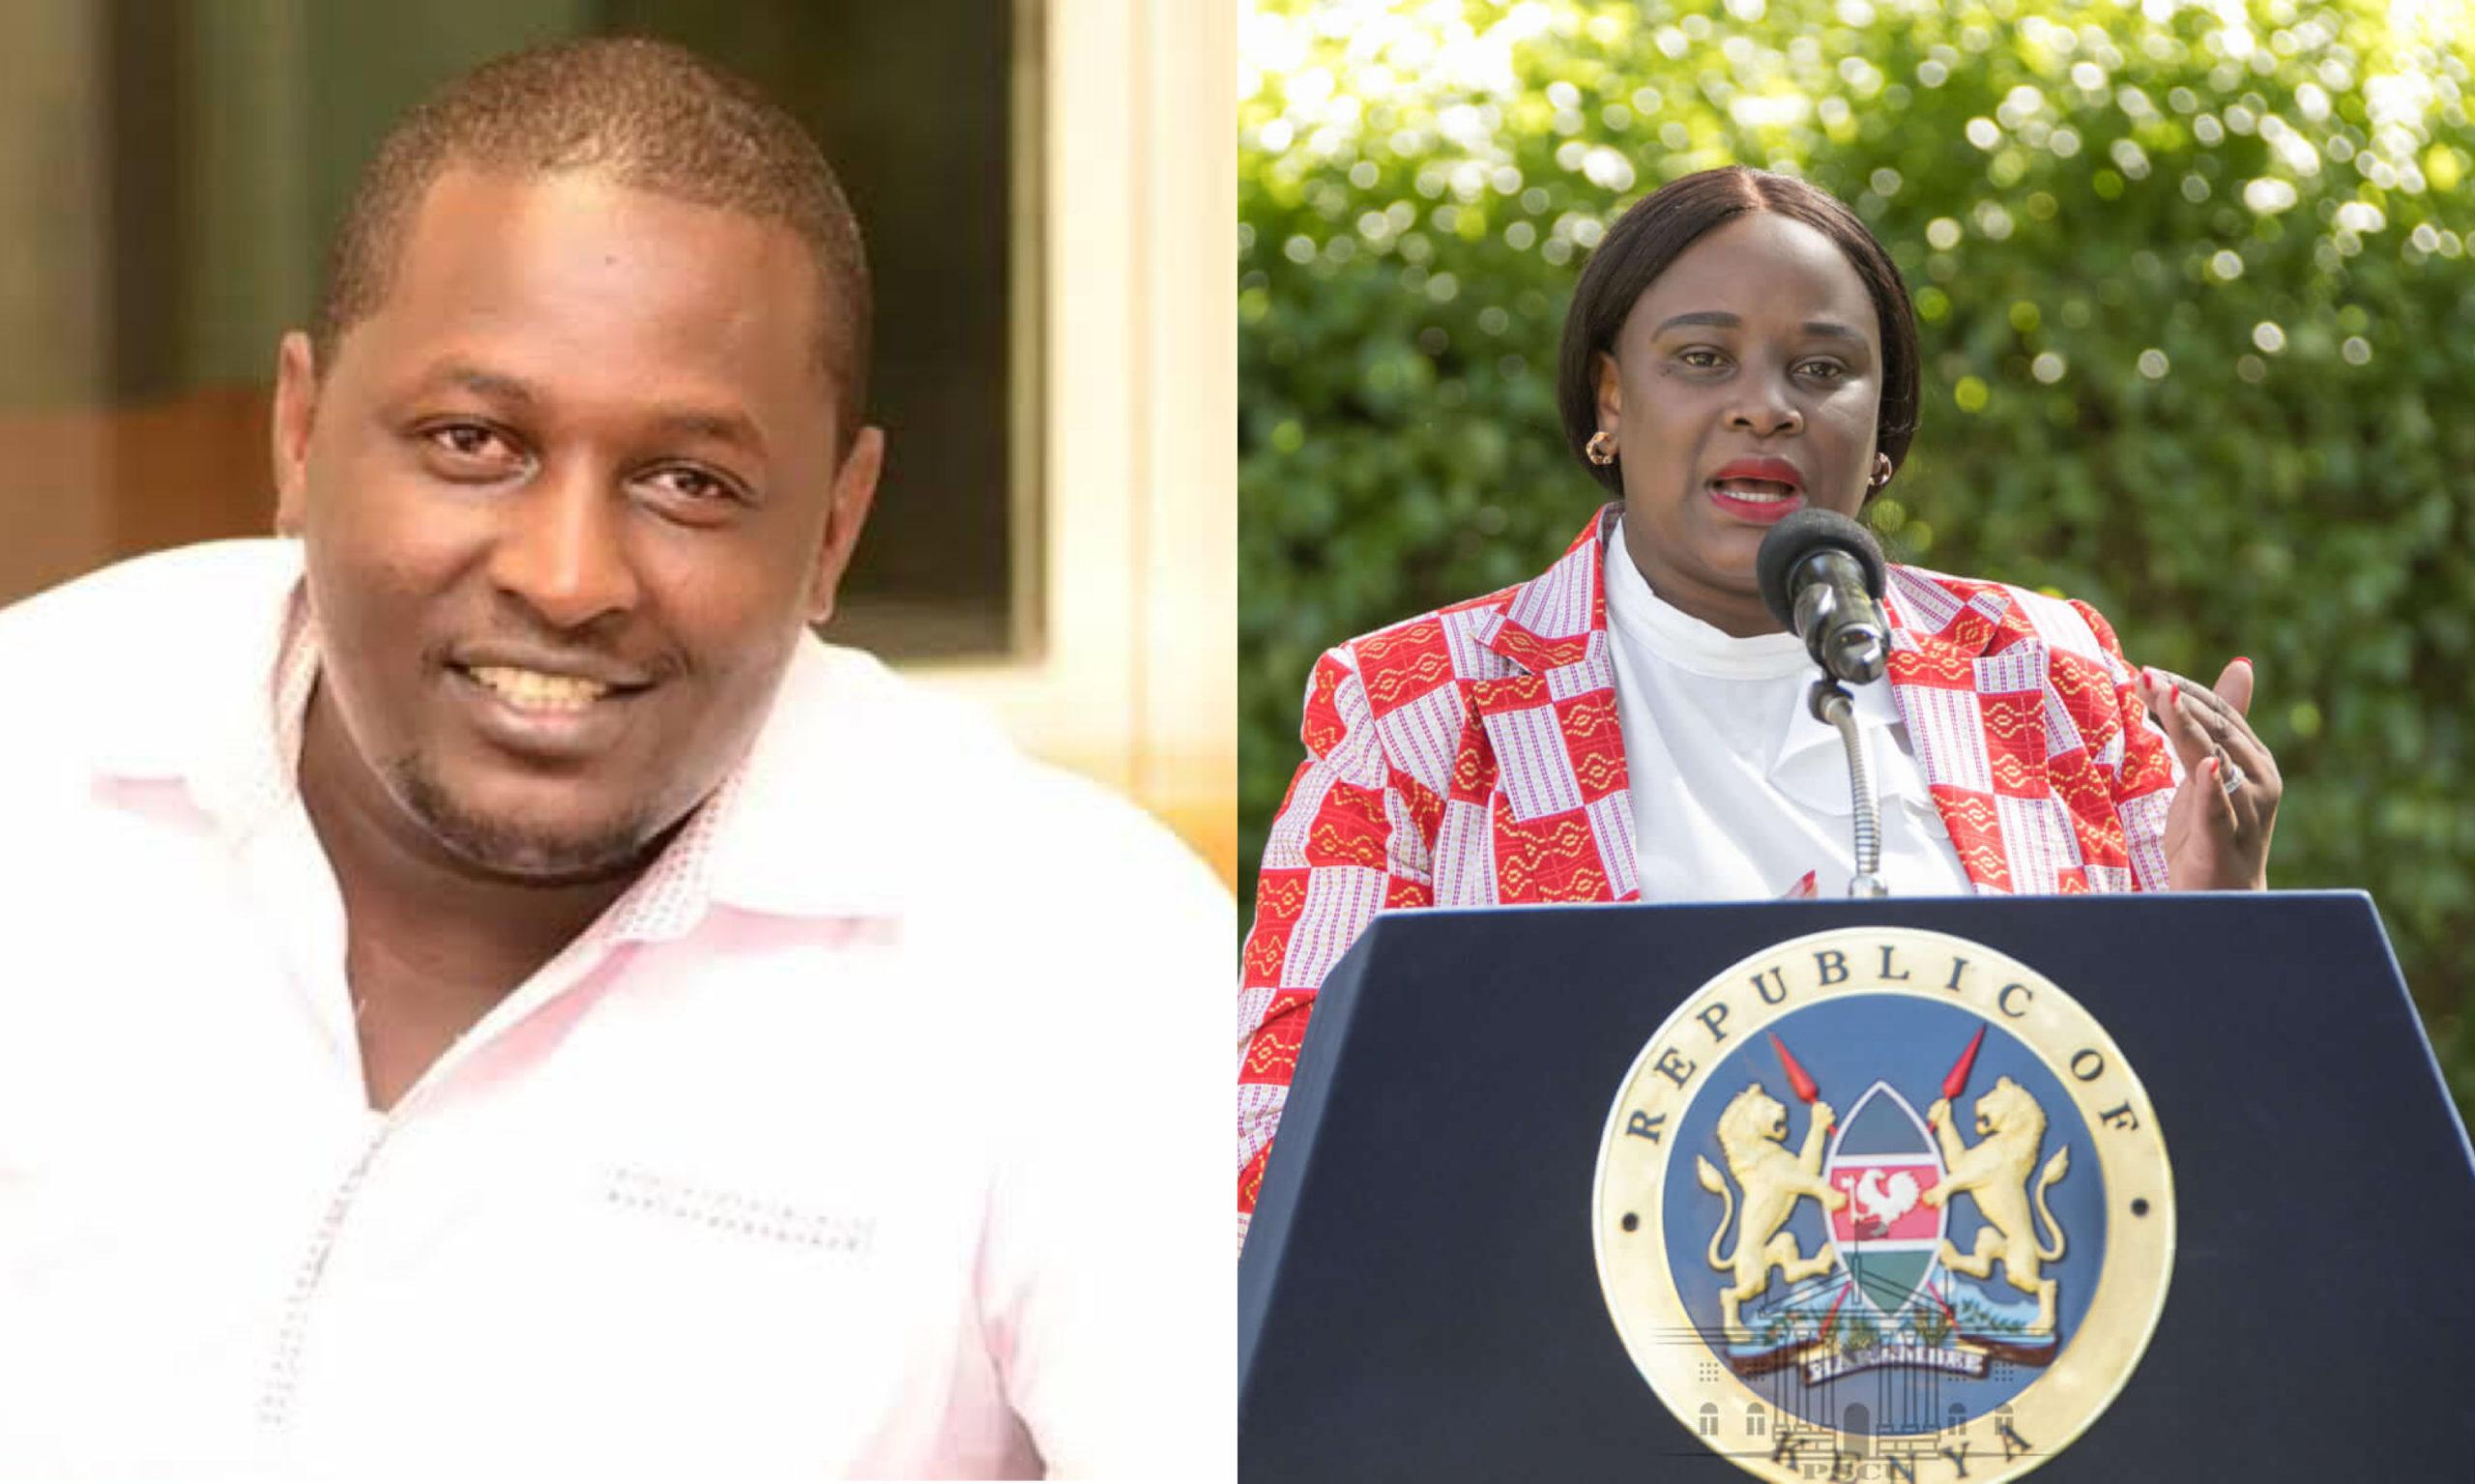 Terence Creative hits back at fat-shaming trolls aimed at Kanze Dena